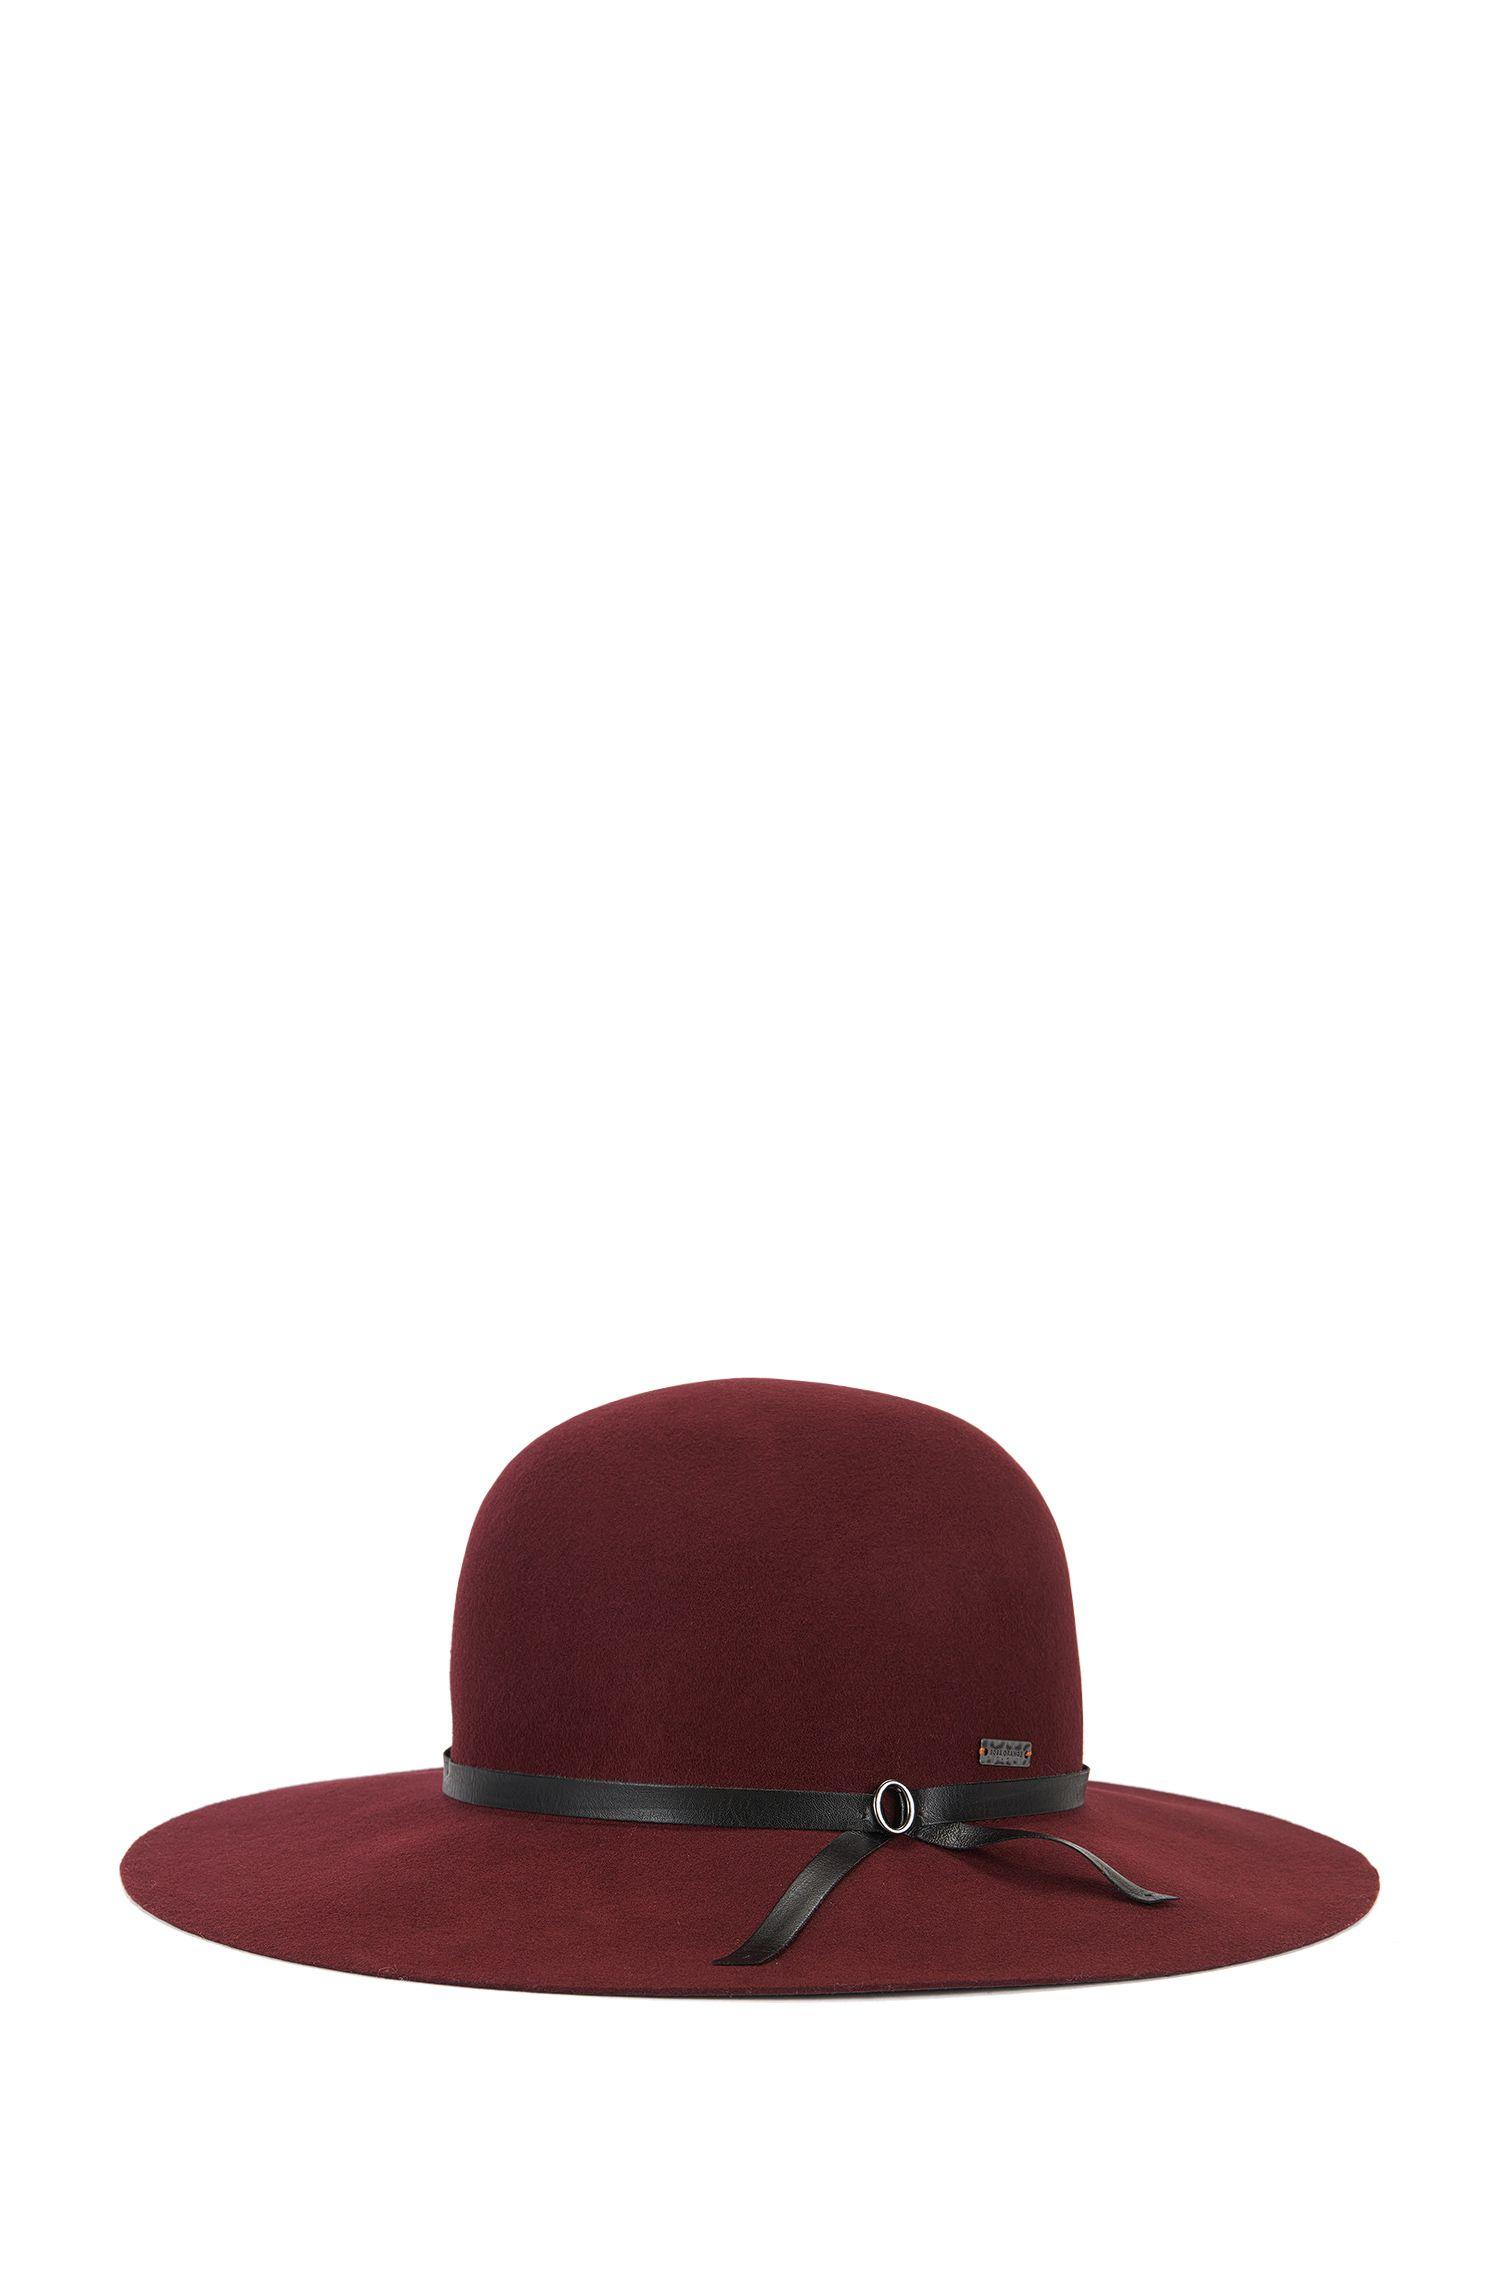 Wollen hoed met brede rand